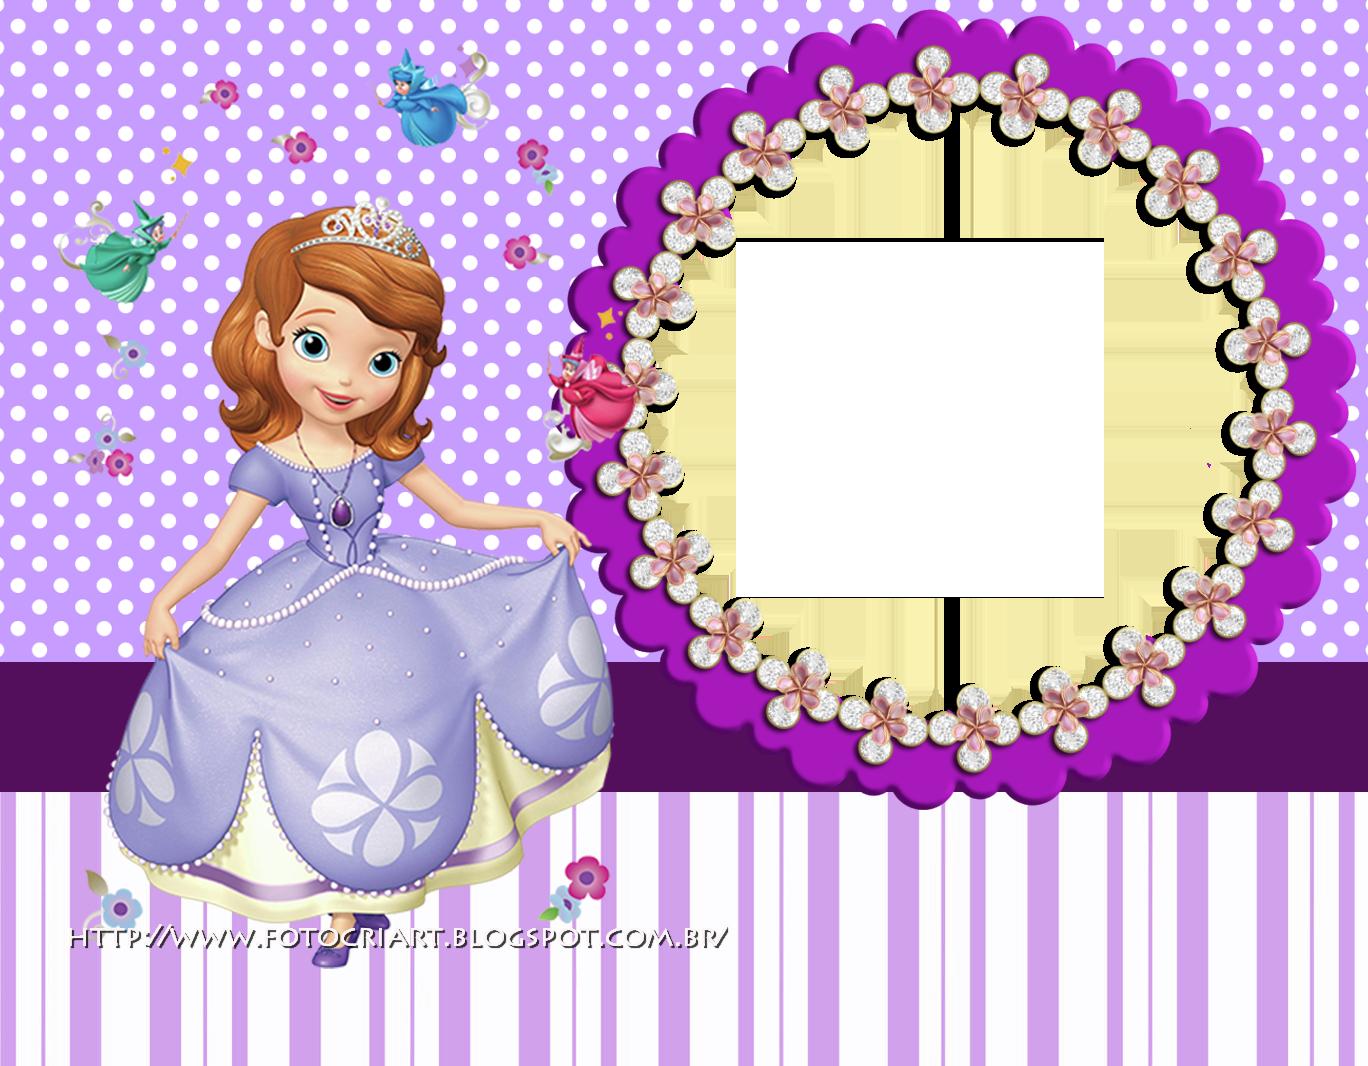 Sofia mezcla sofia princess sofia party princess - Foto princesa sofia ...